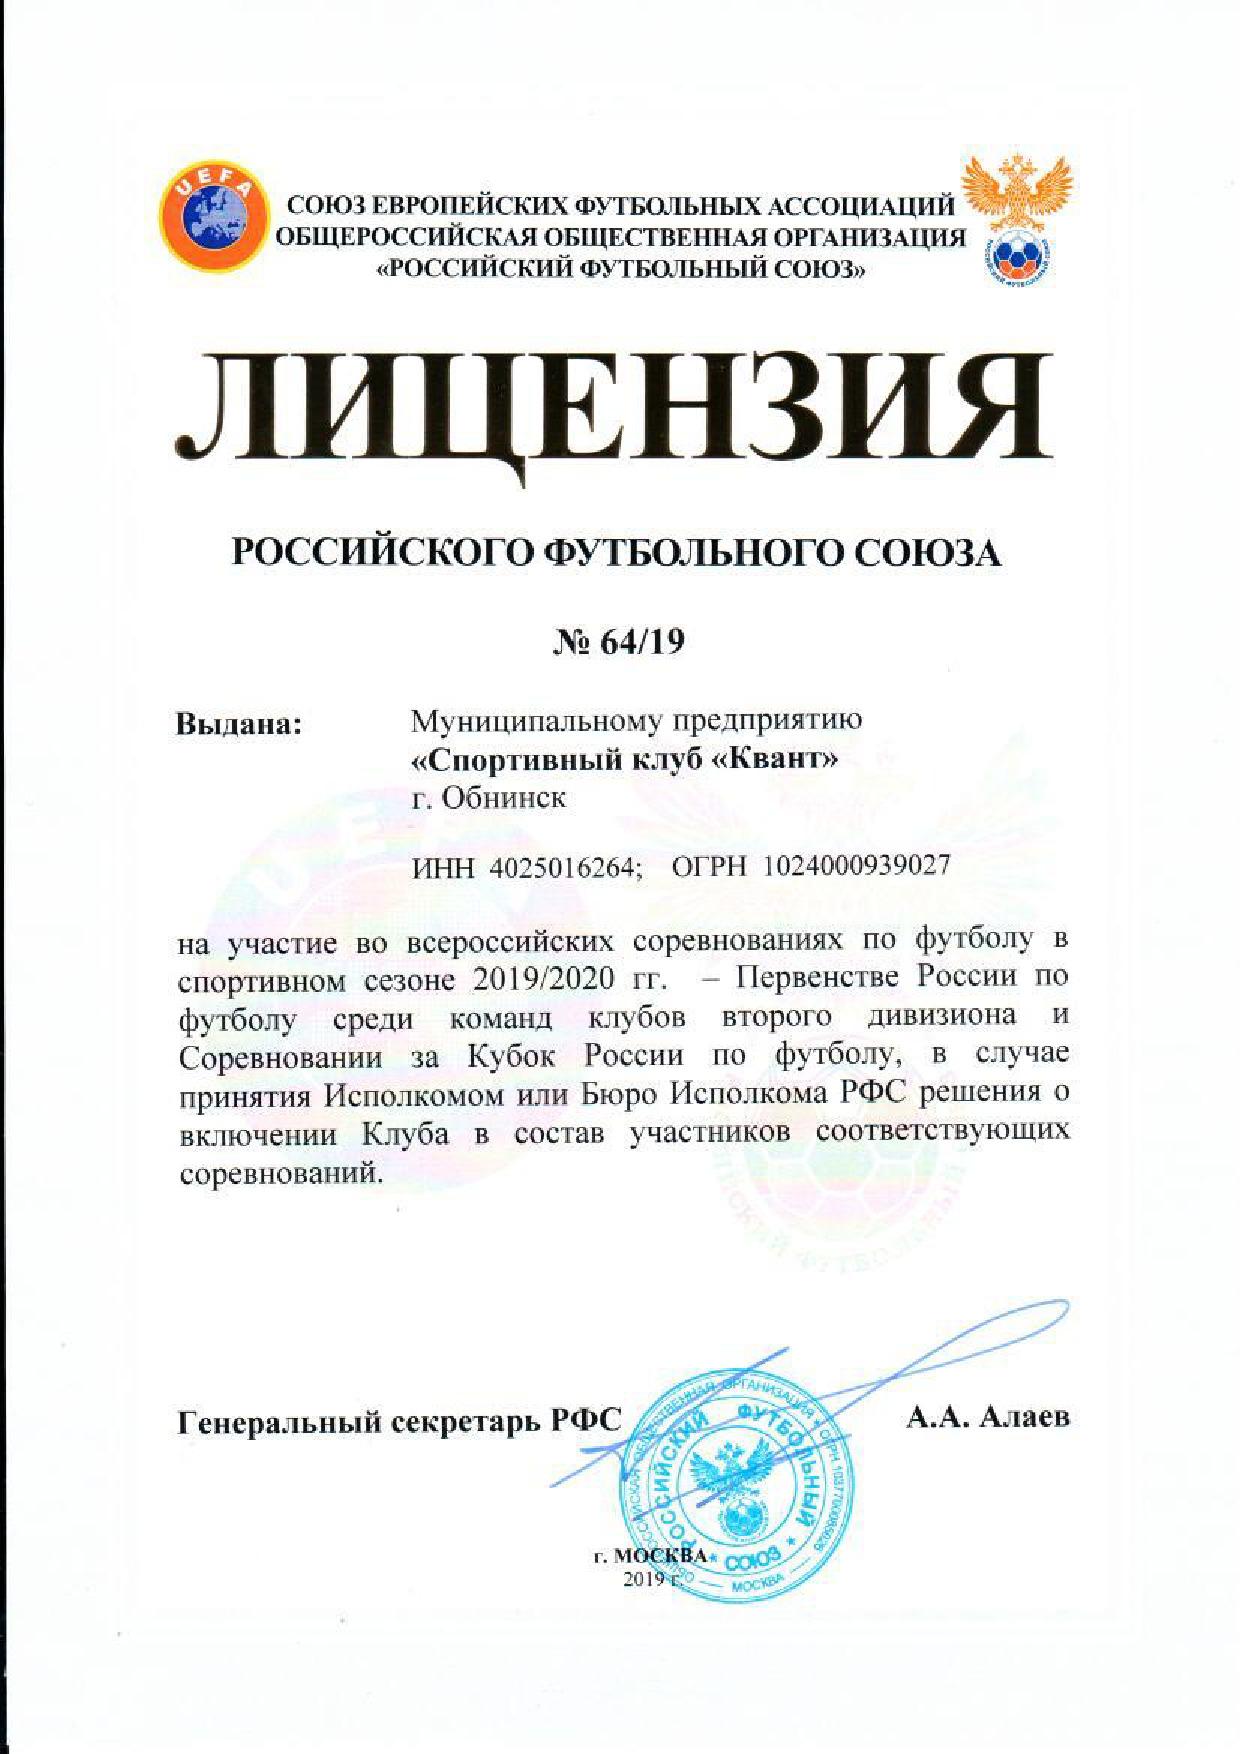 лицензия рфс 1